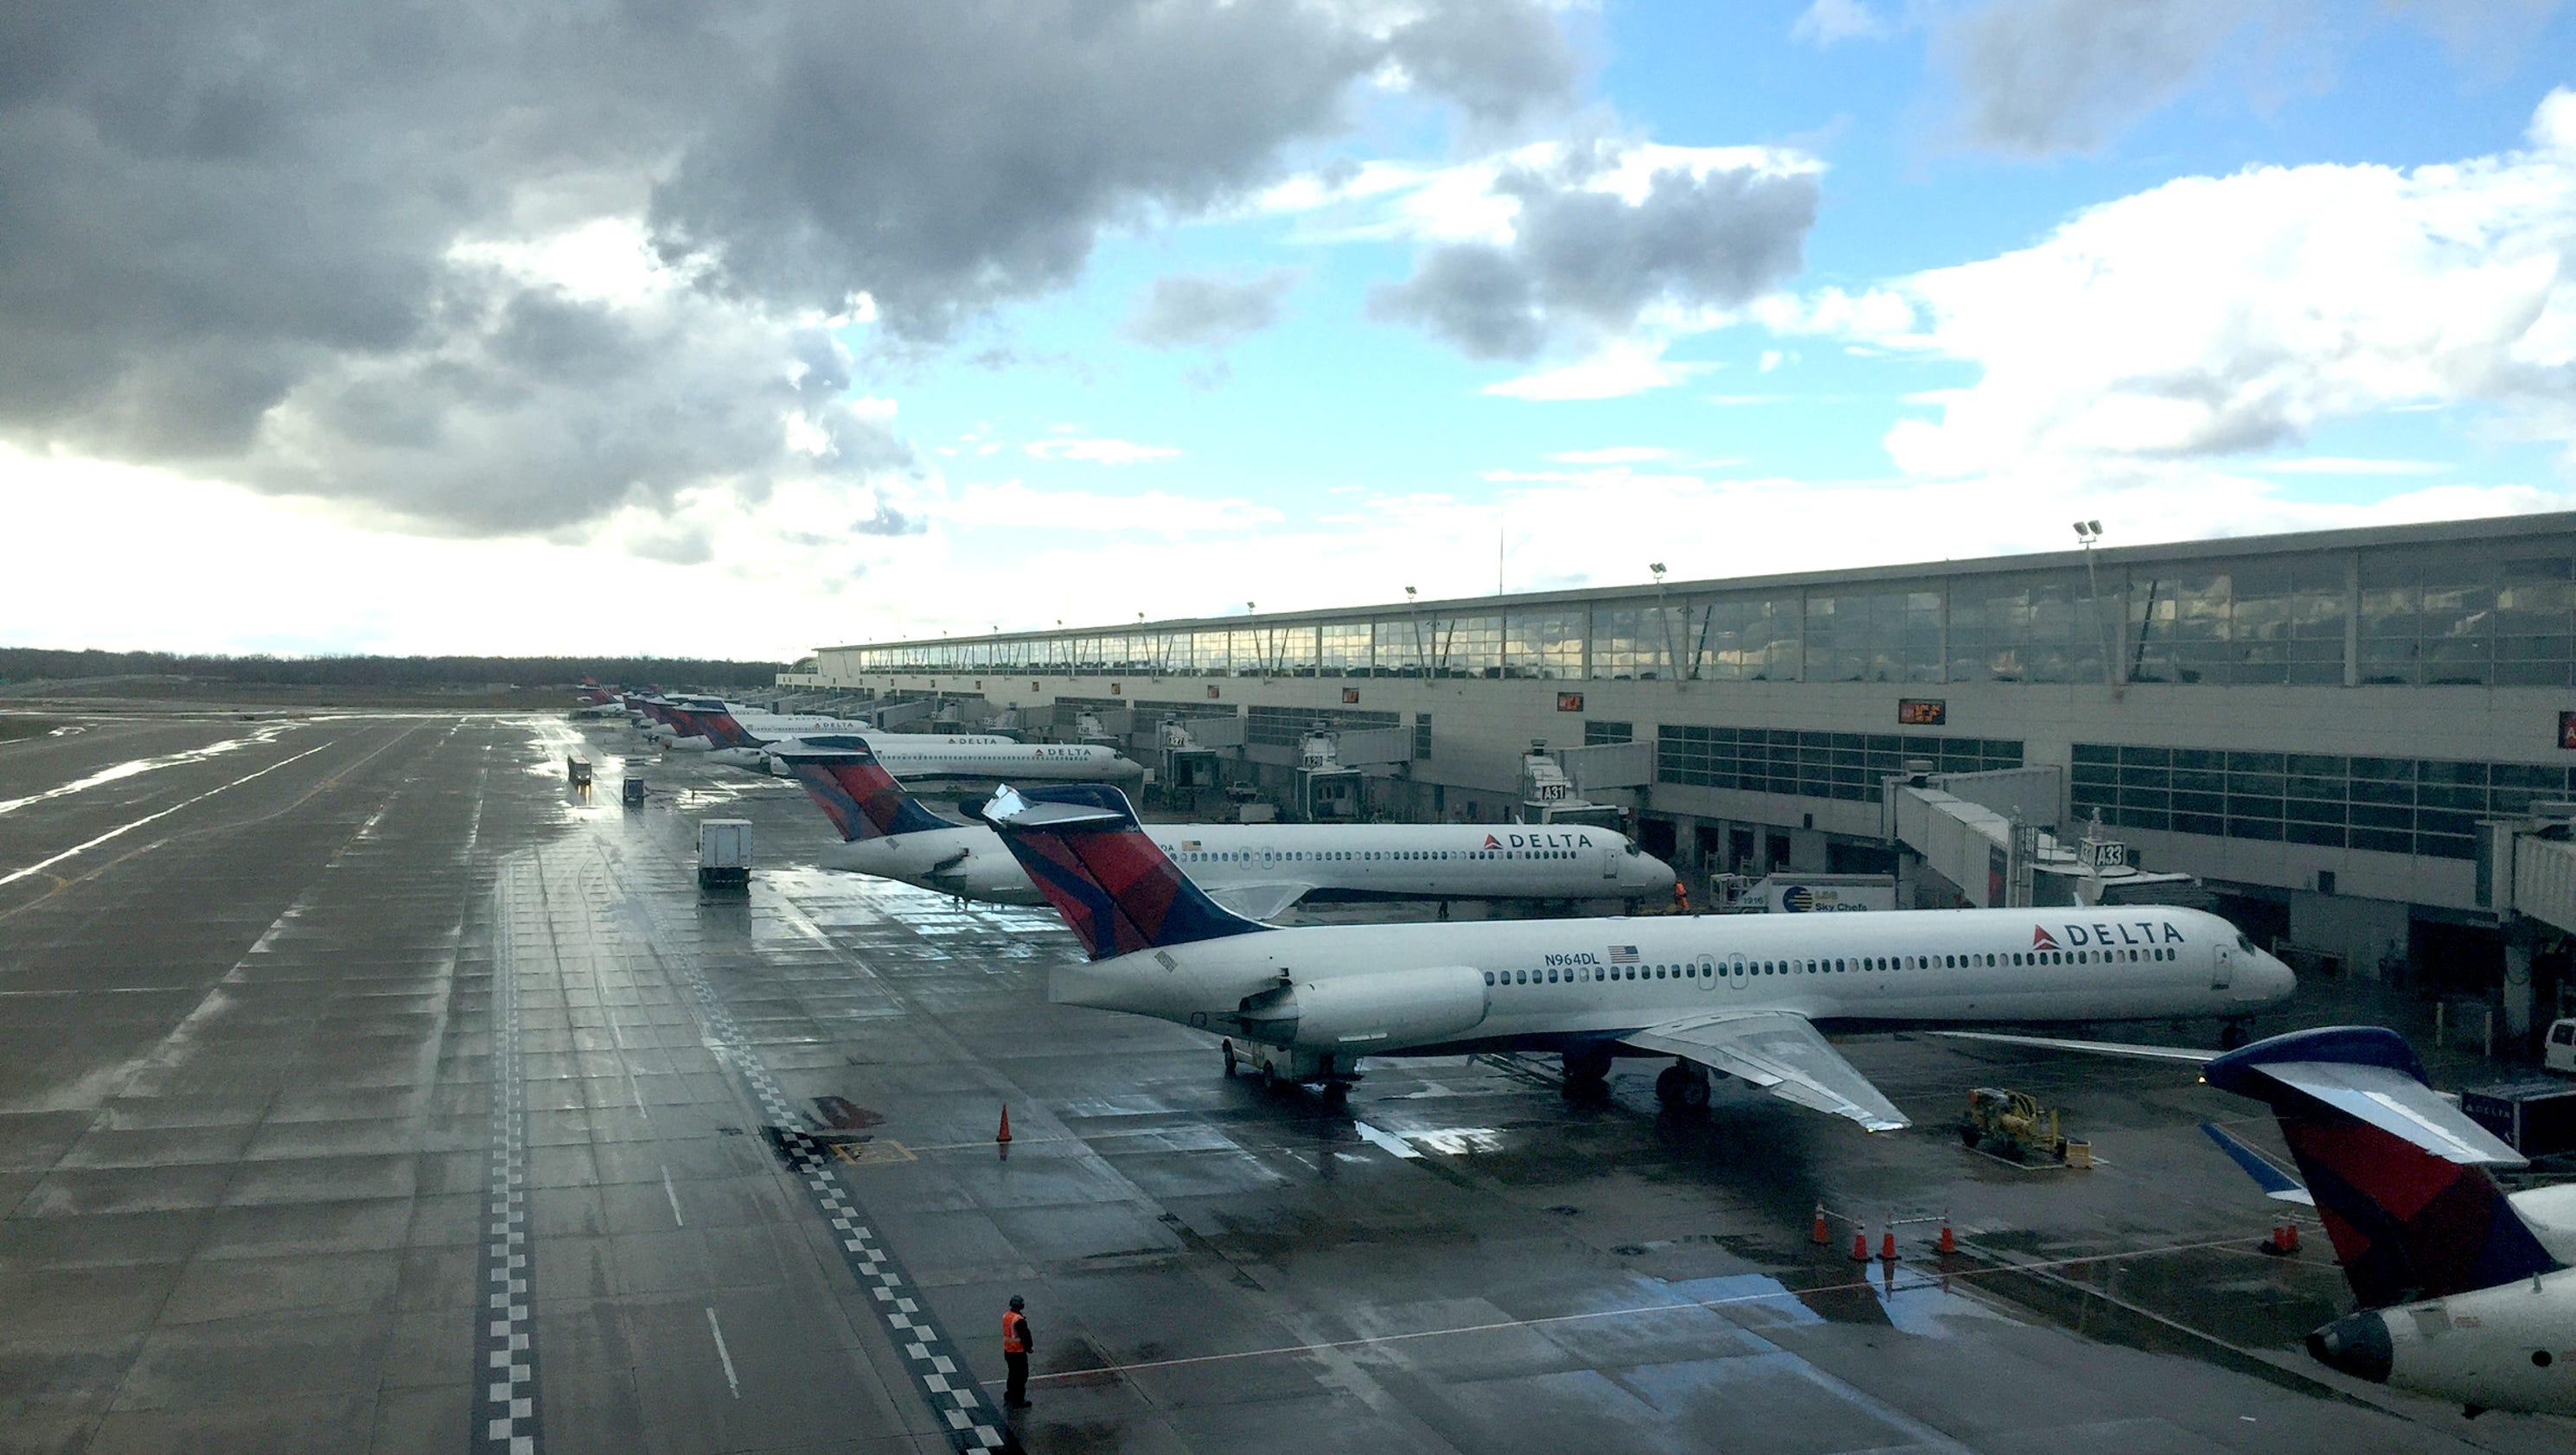 Resultado de imagen para storm USA airport